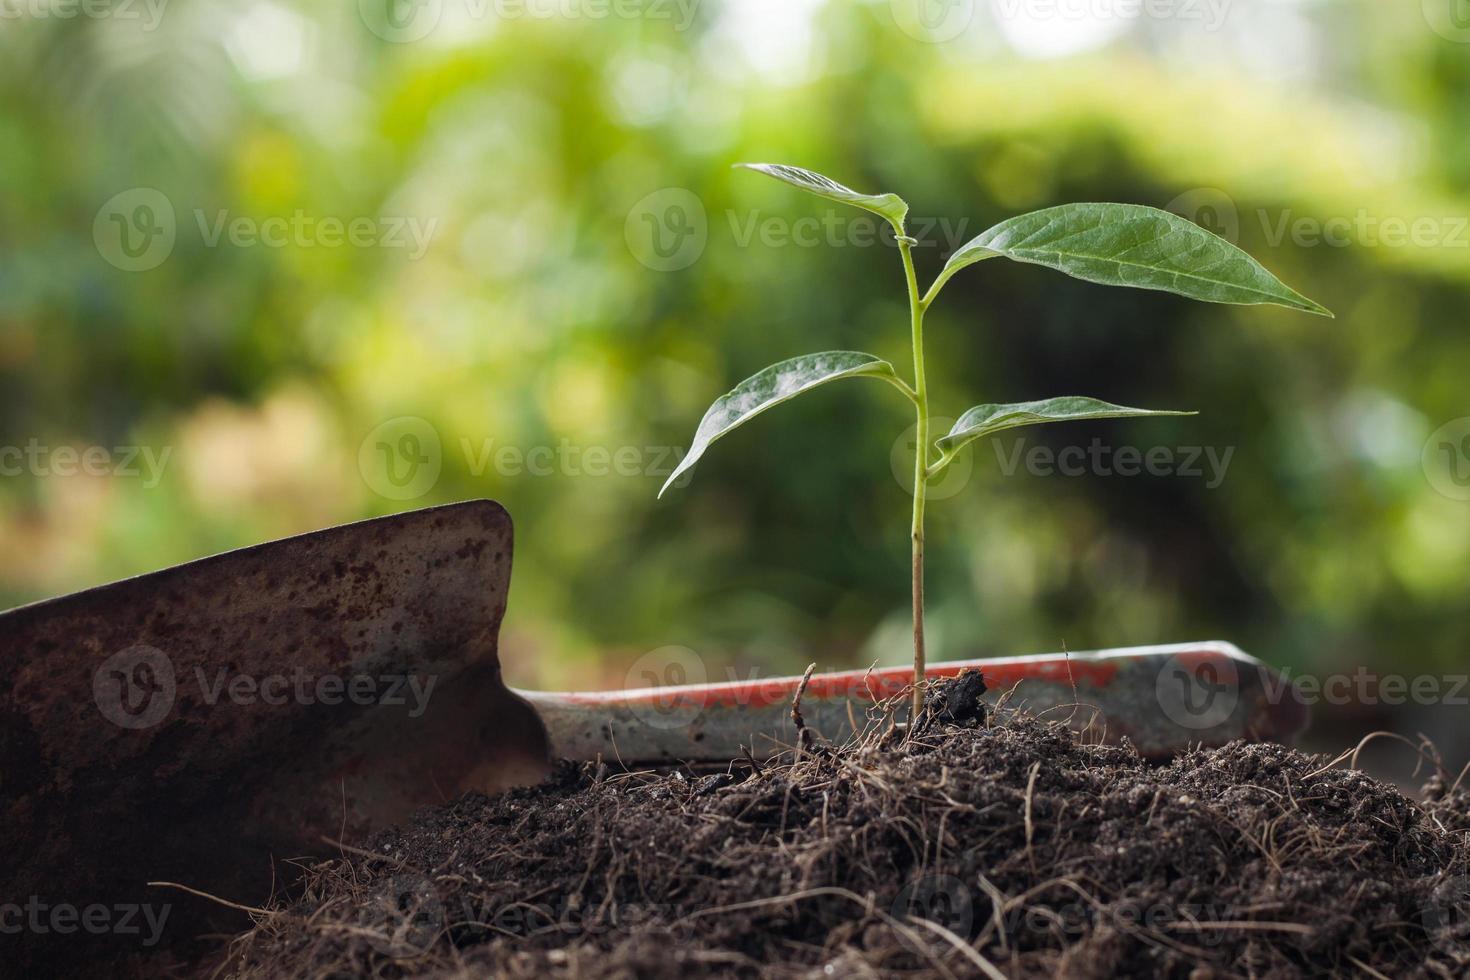 junge Pflanze wächst auf braunem Boden mit Schaufel foto